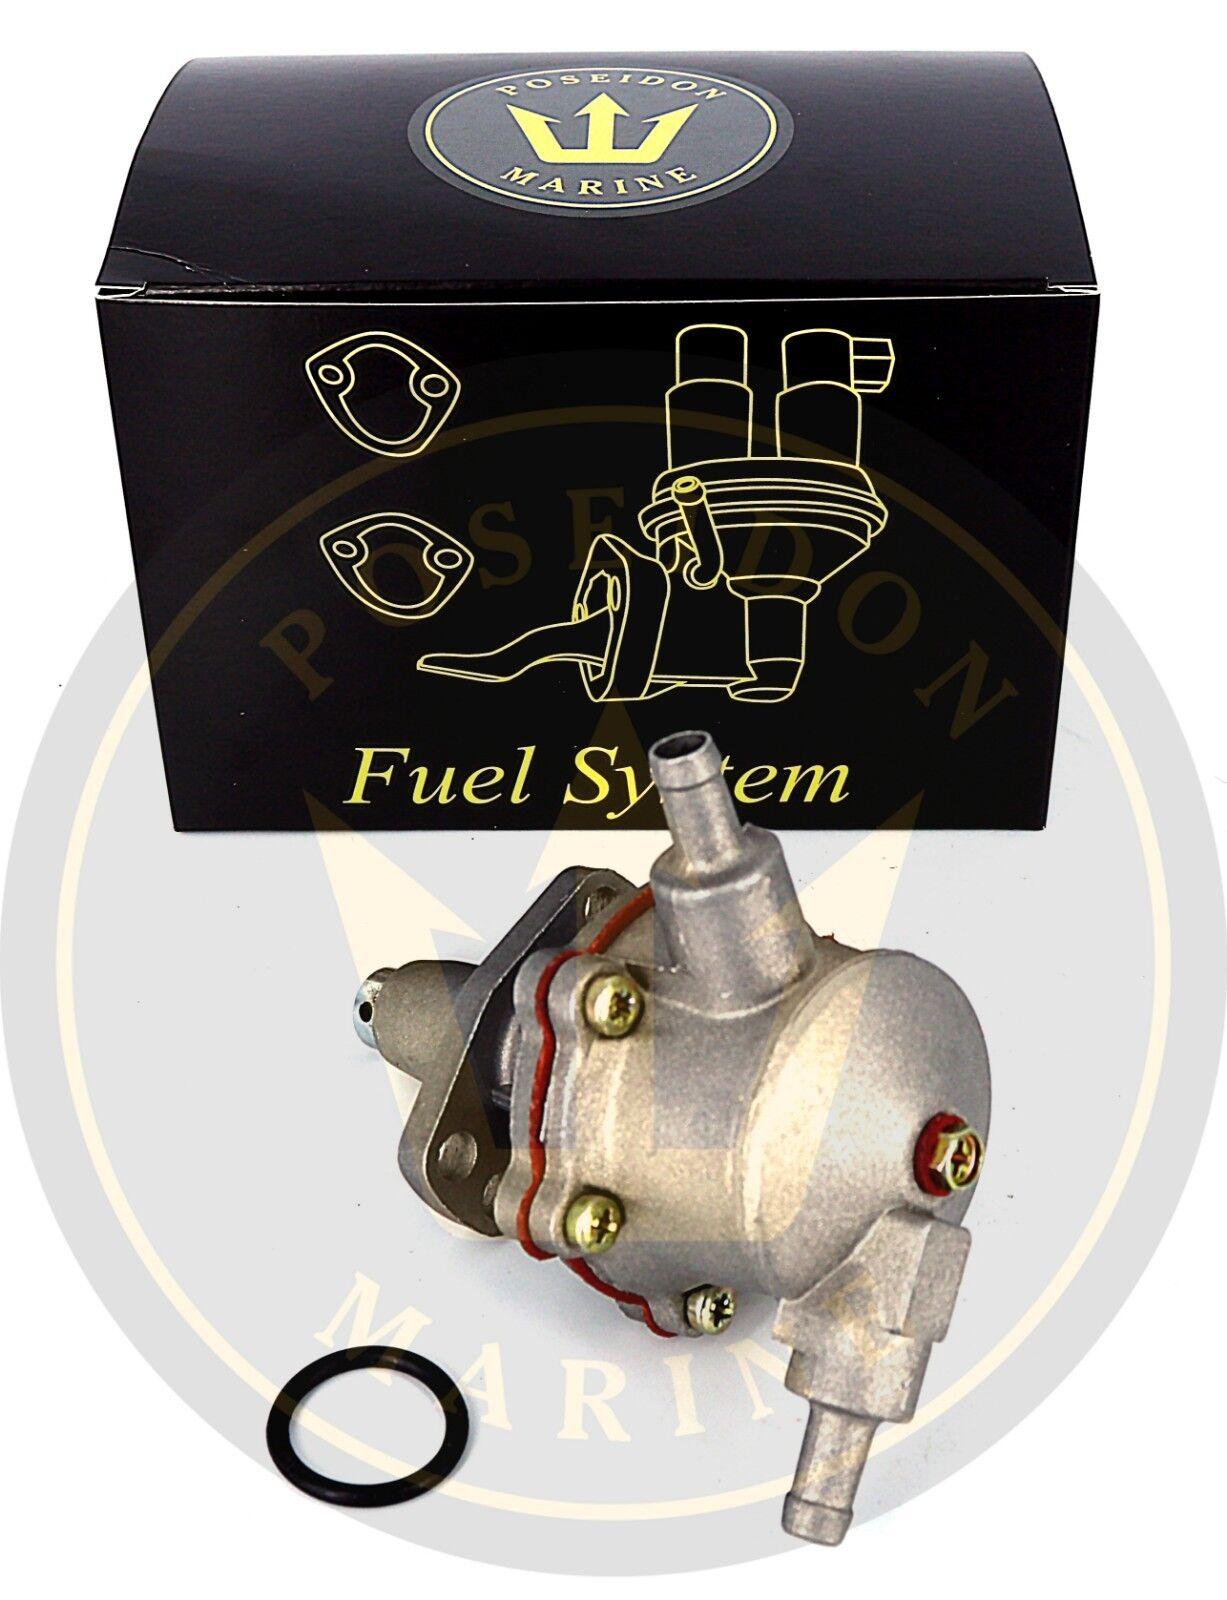 Fuel pump for Volvo Penta D1-13 D1-20 D1-30 D2-40 D2-55 75 RO: 21132189 3584126